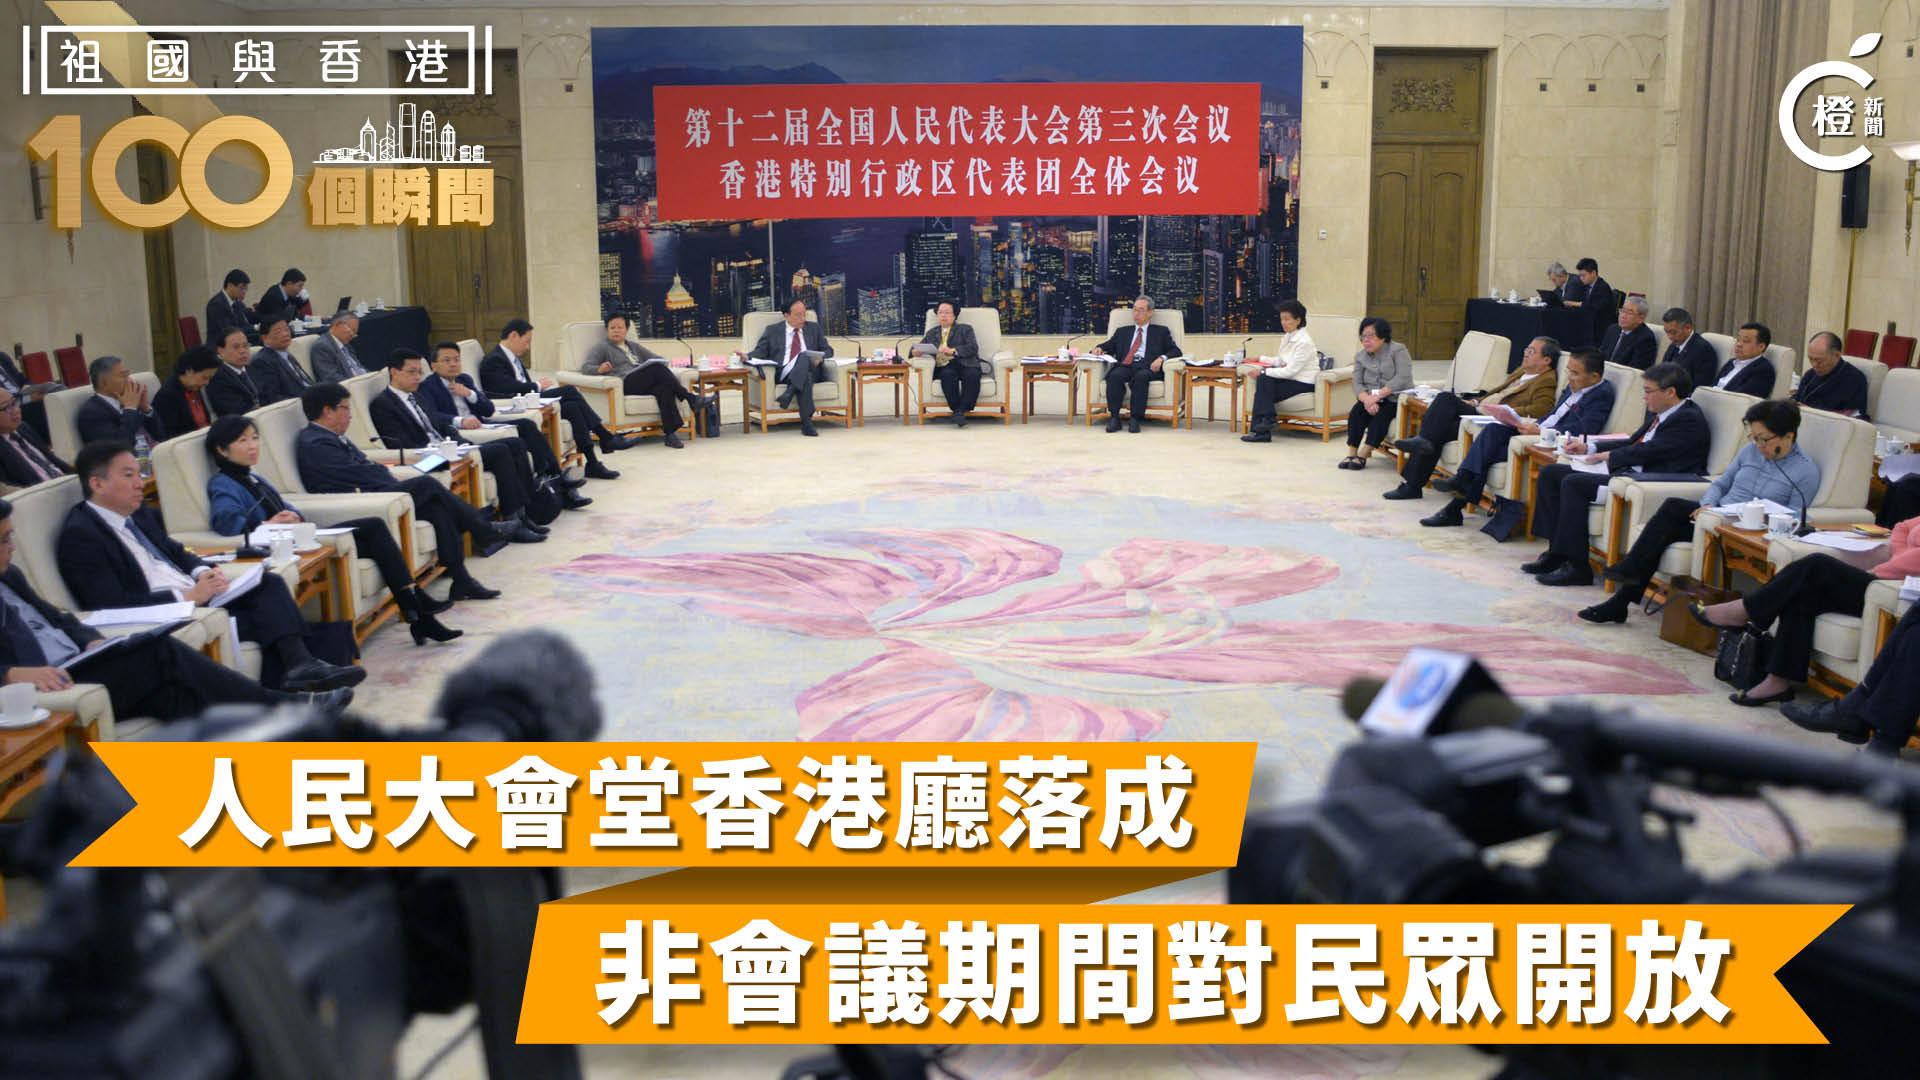 【祖國與香港100個瞬間】人民大會堂香港廳竣工 以地區名命面積最大廳室